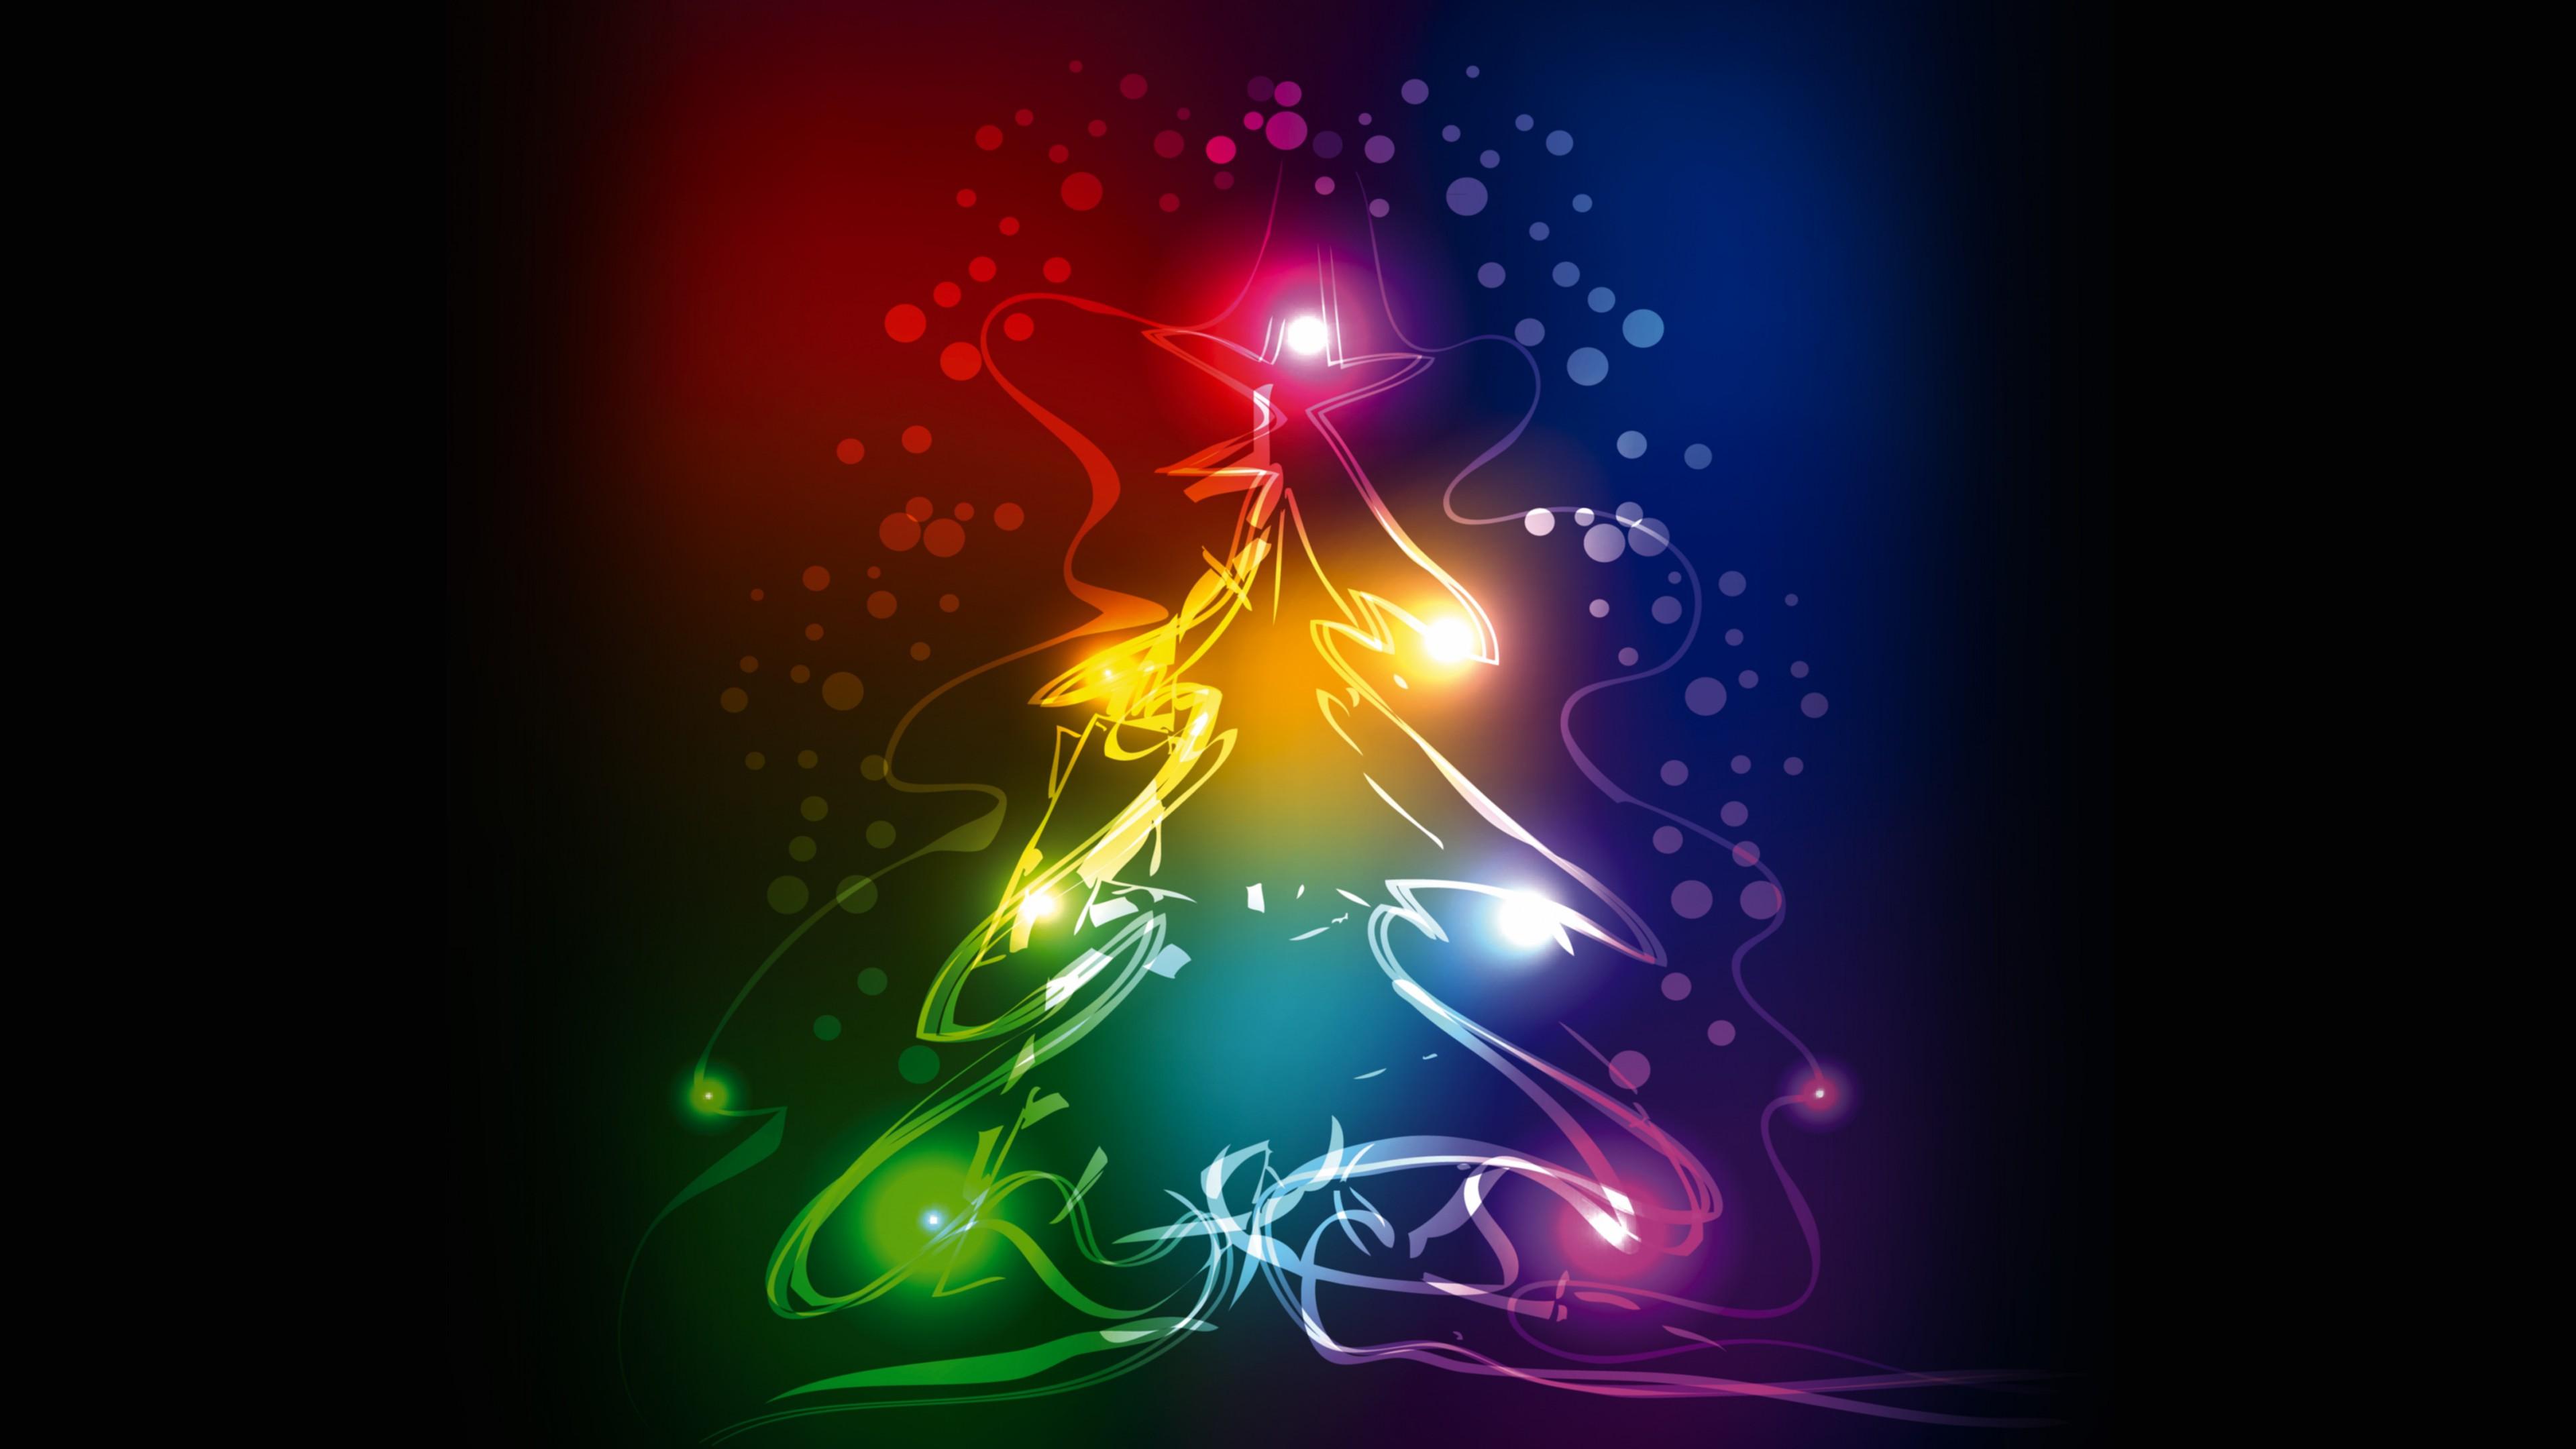 Рисунок Новогодней елки с разноцветными неоновыми шарами и блестящими в темноте огнями